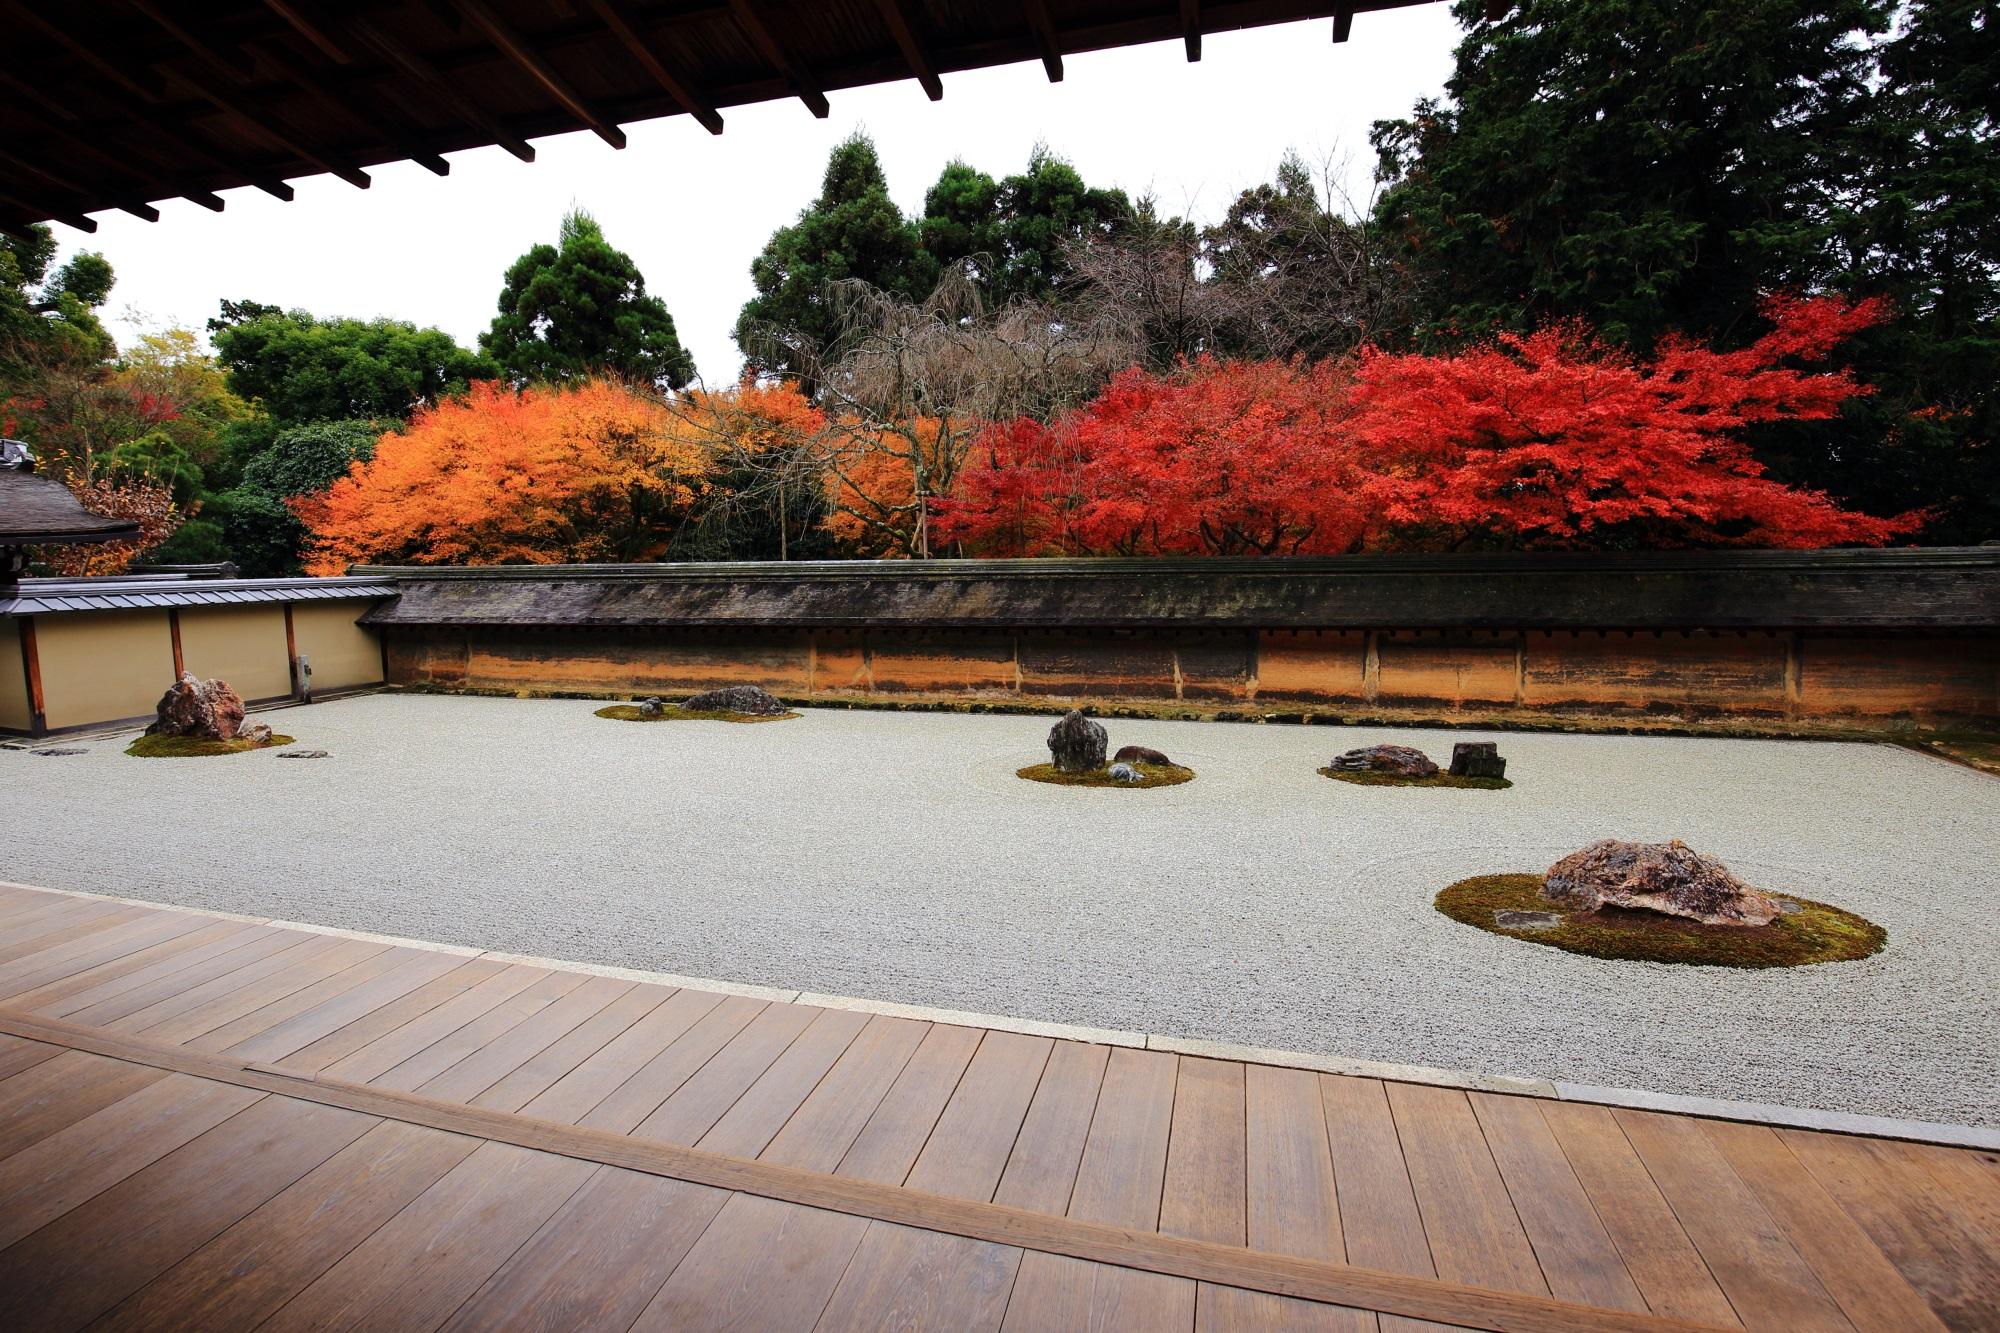 鮮やかな二色の紅葉に染まった龍安寺の石庭